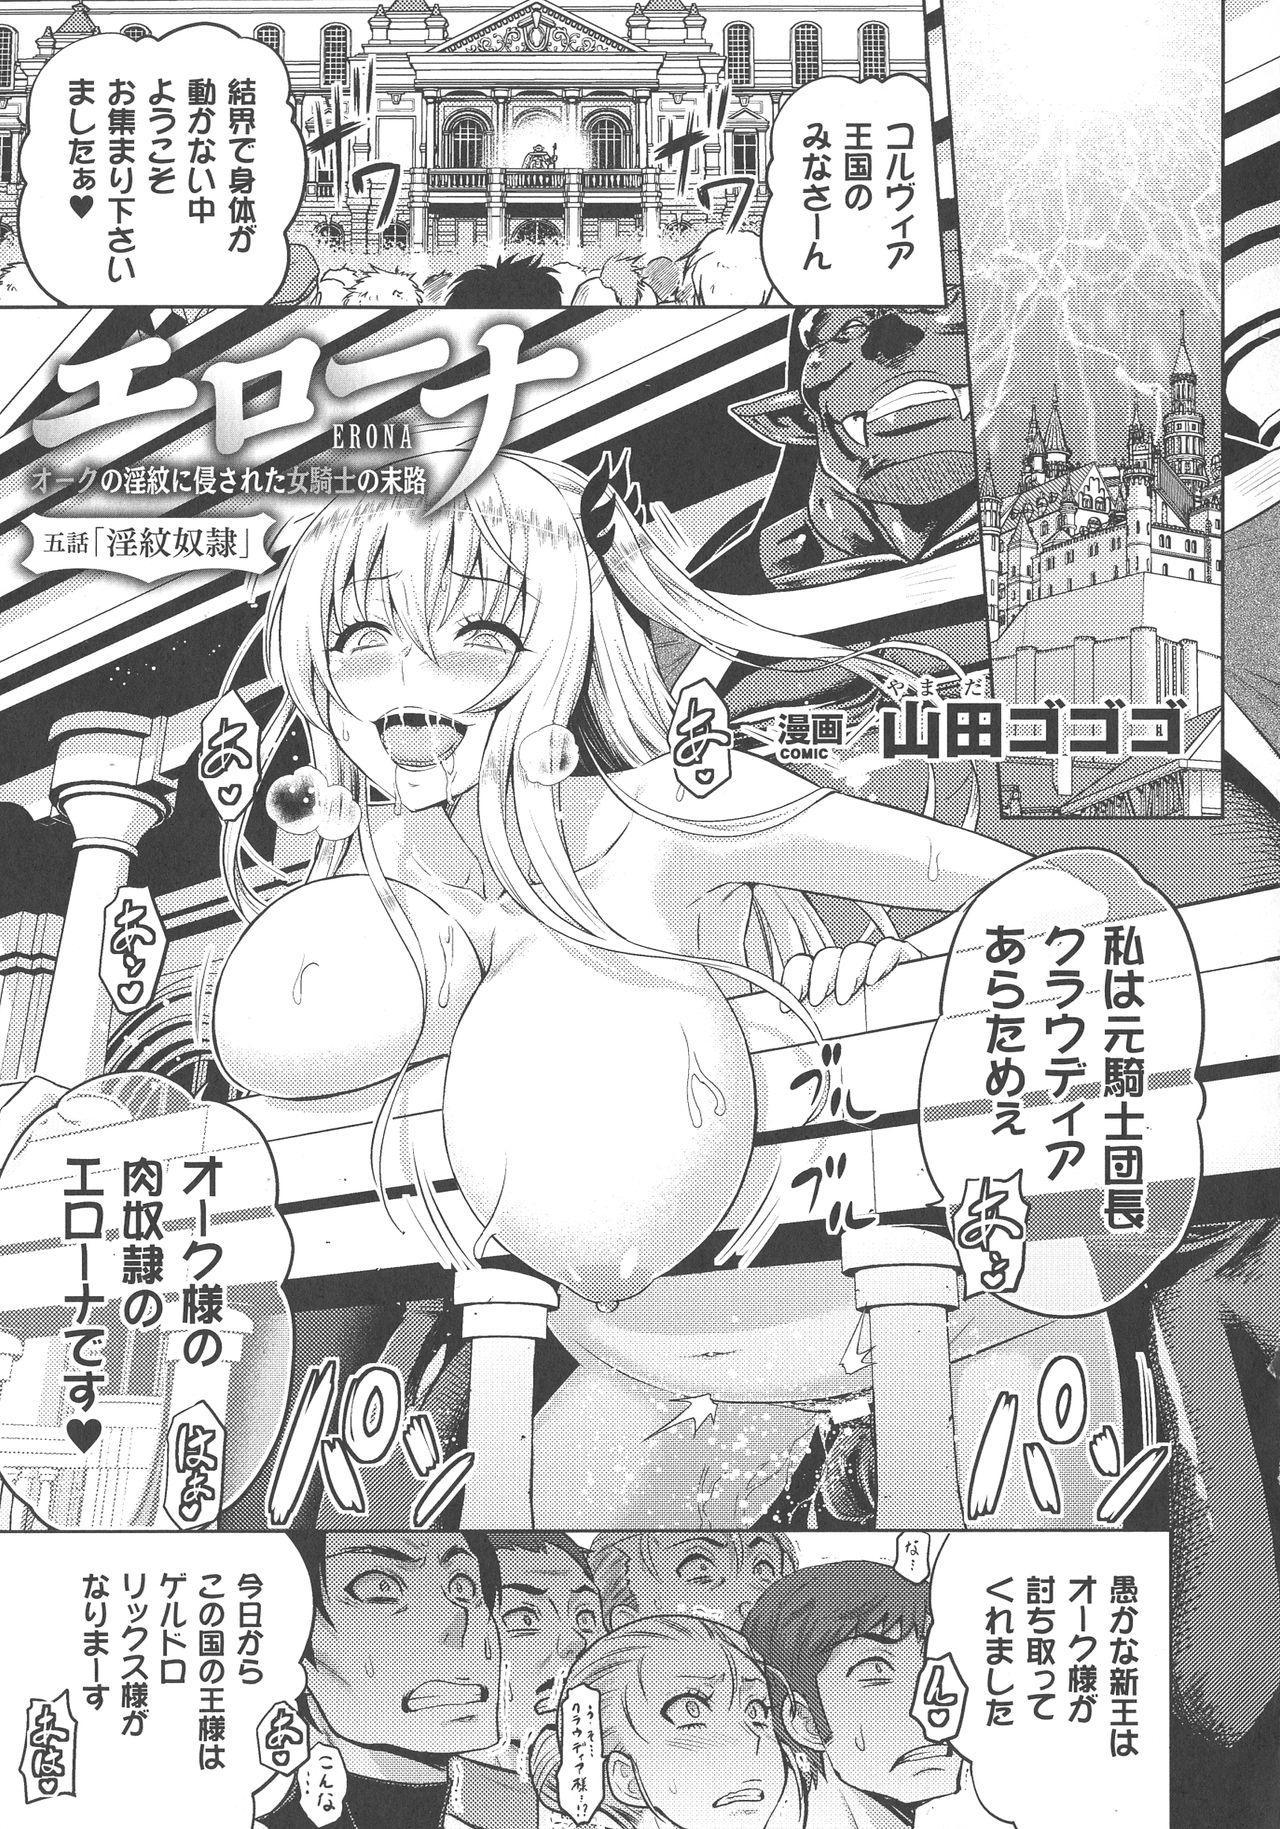 ERONA Orc no Inmon ni Okasareta Onna Kishi no Matsuro 100